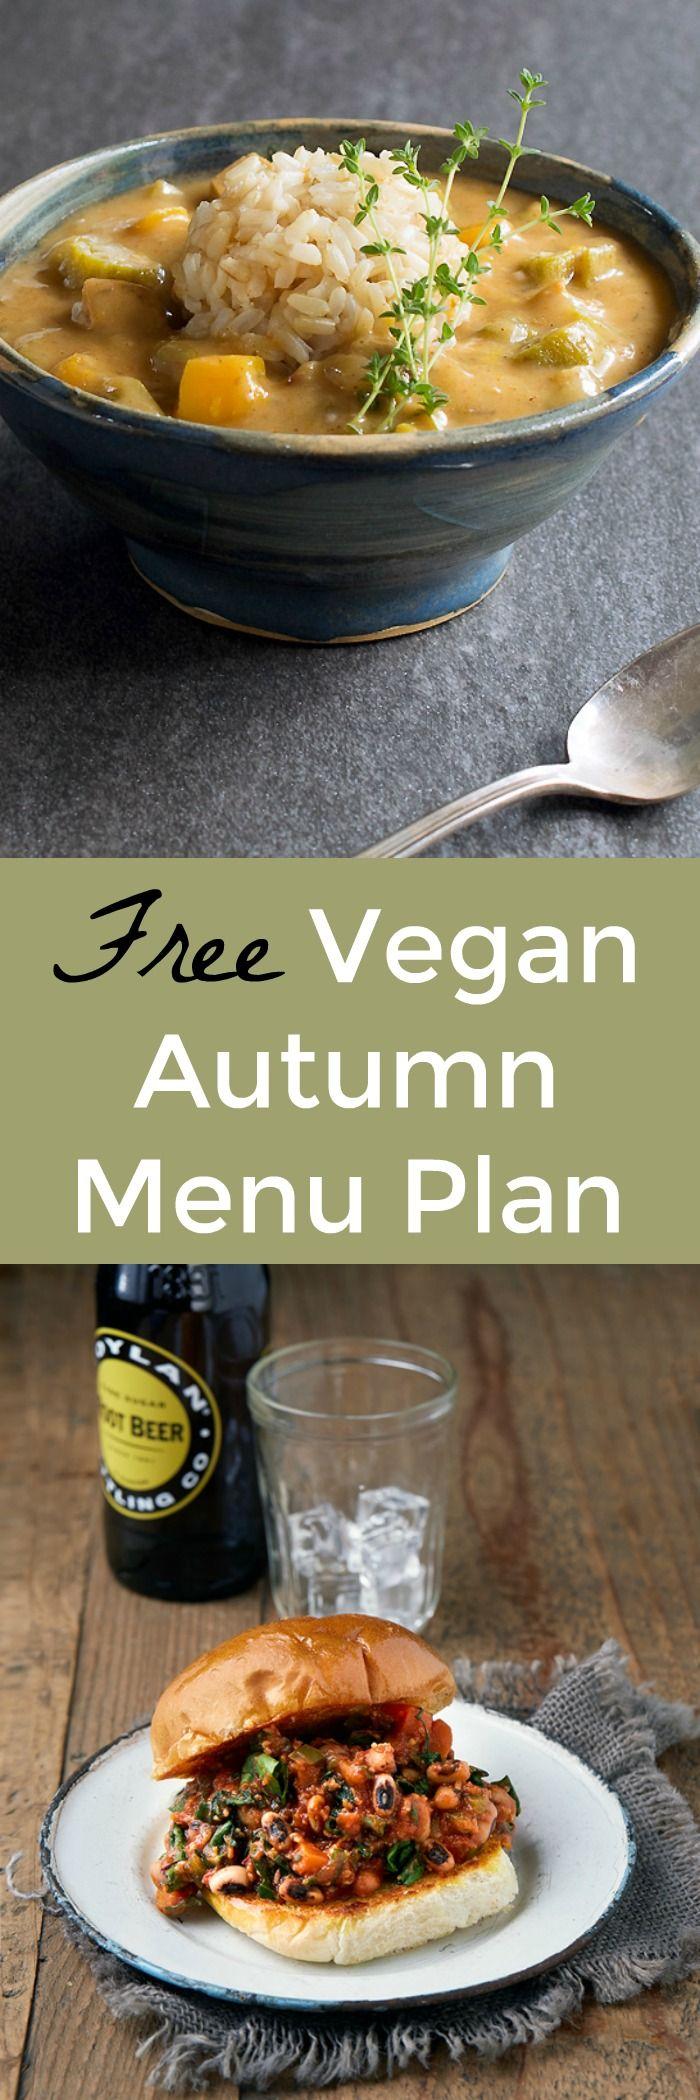 Bursting Full of Fall Flavors NEW and FREE Vegan Menu Plan